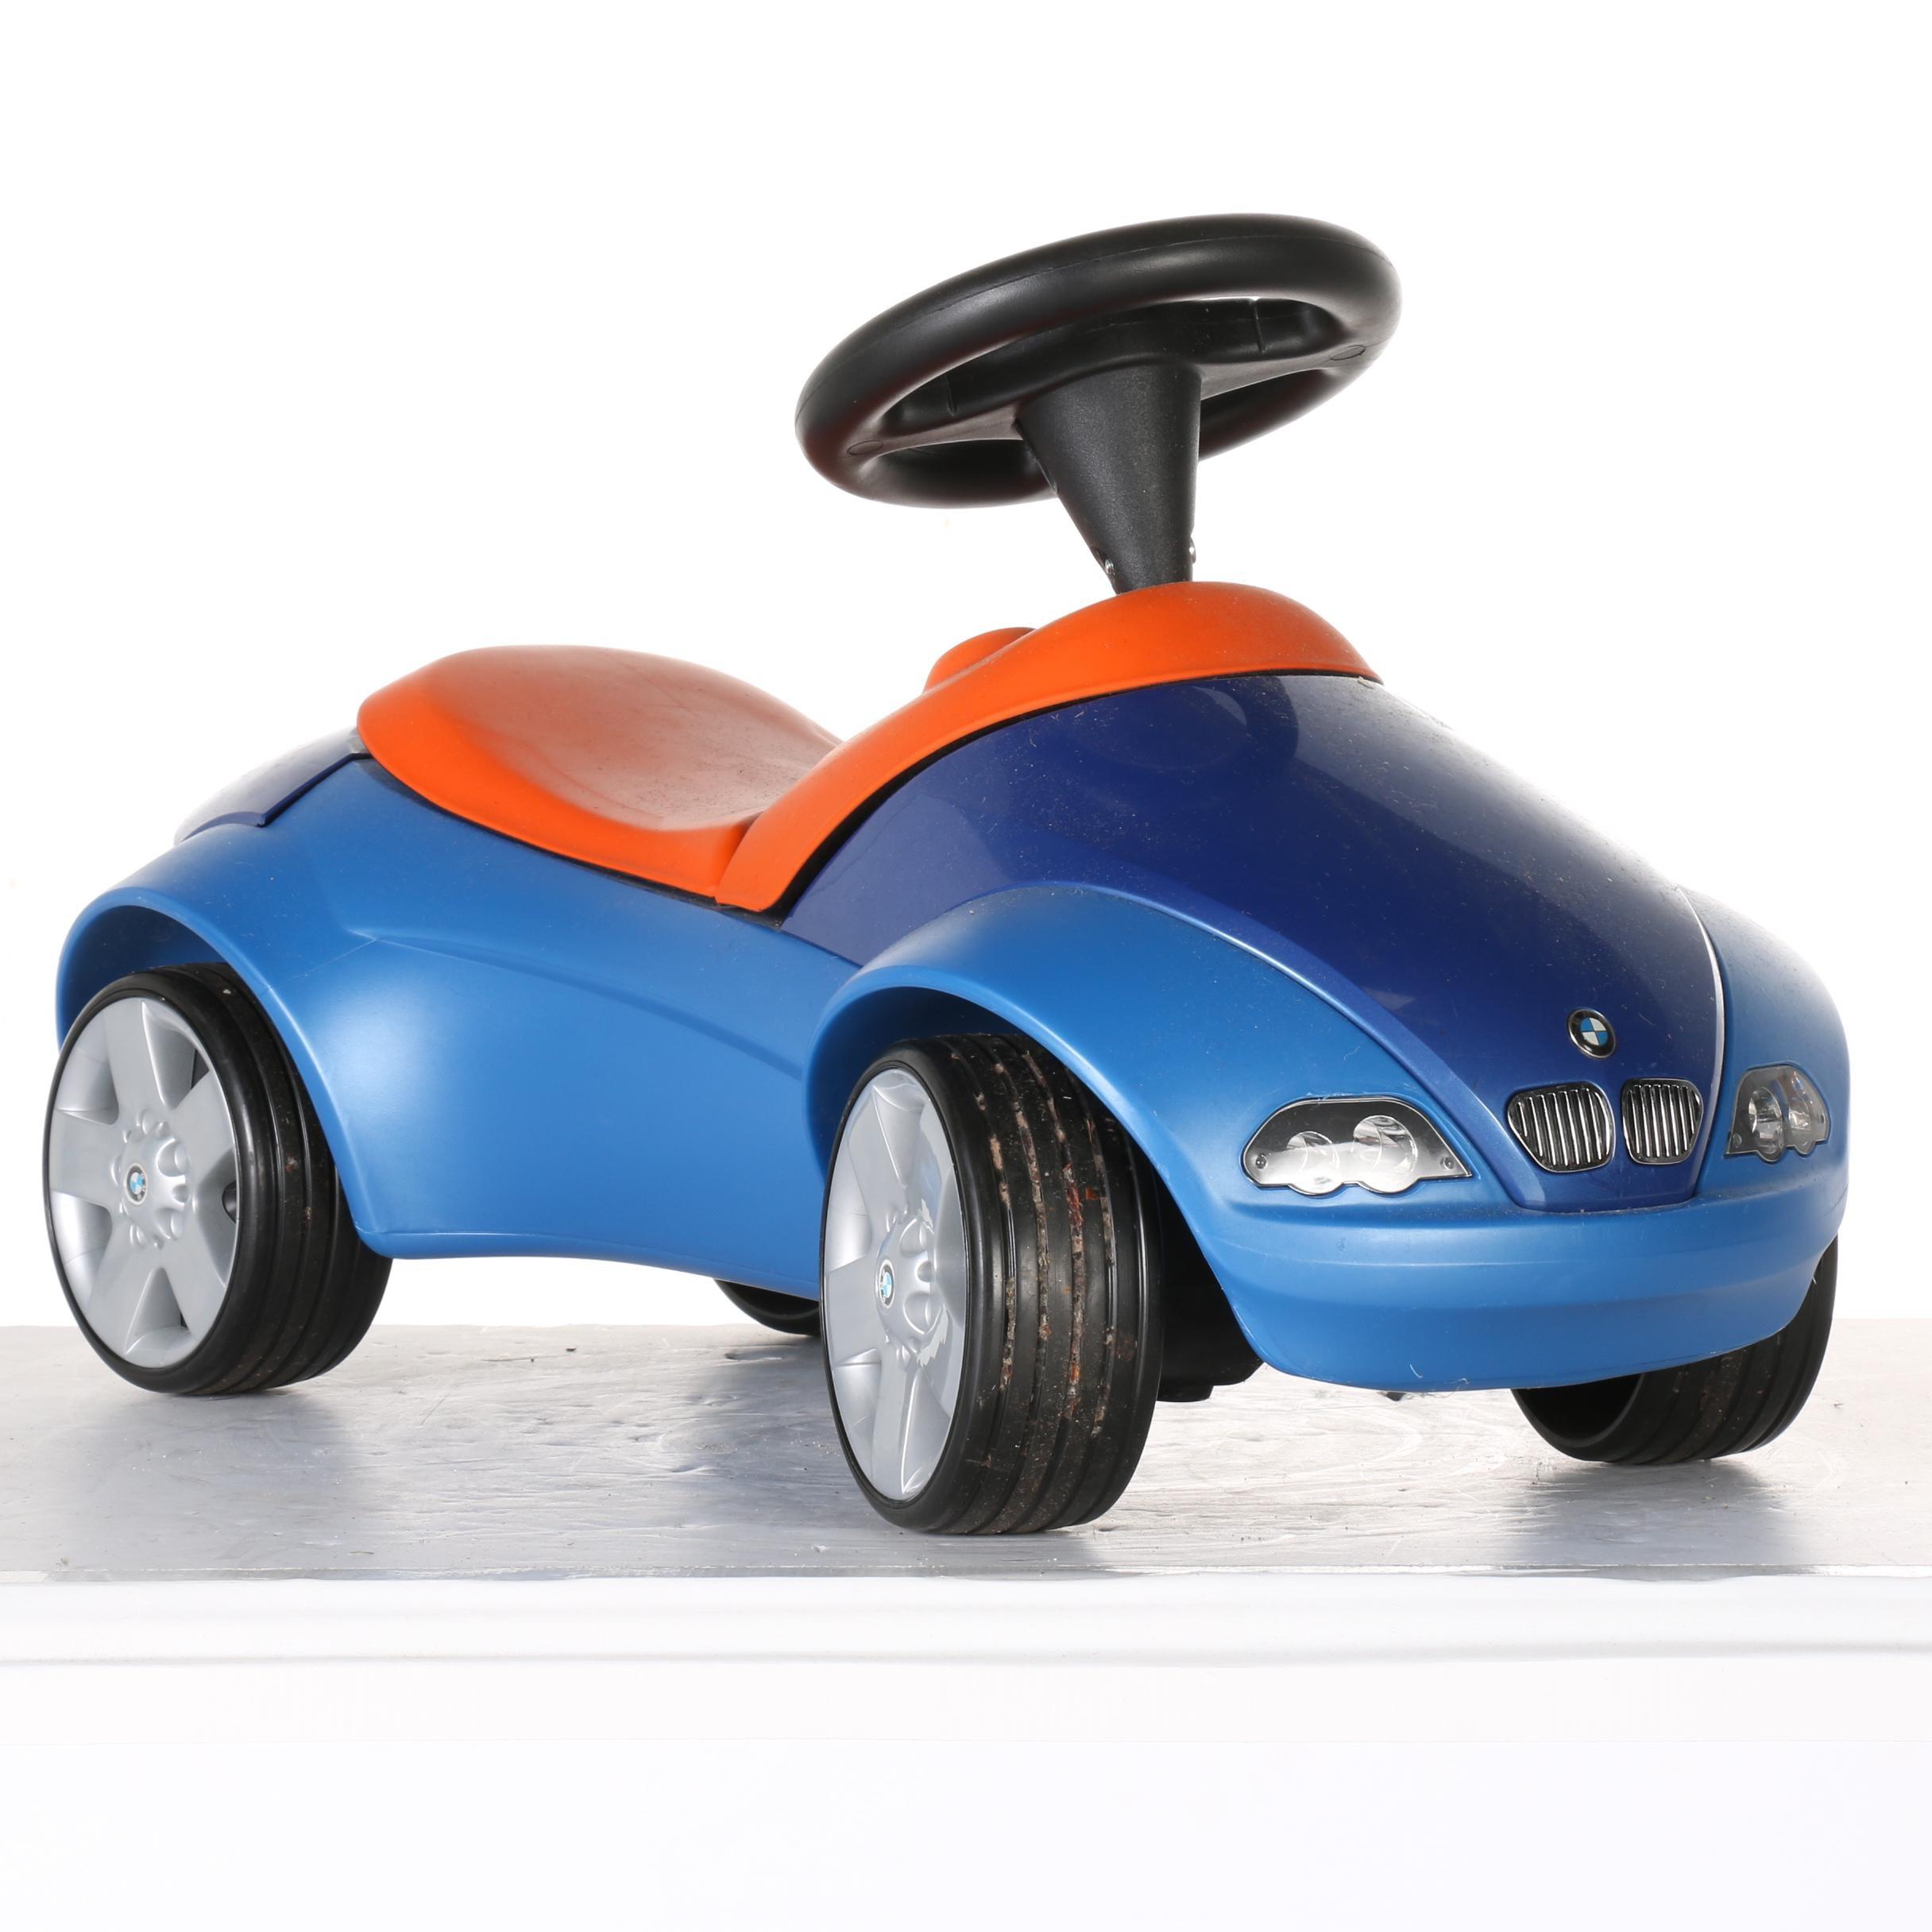 BMW Children's Riding Toy